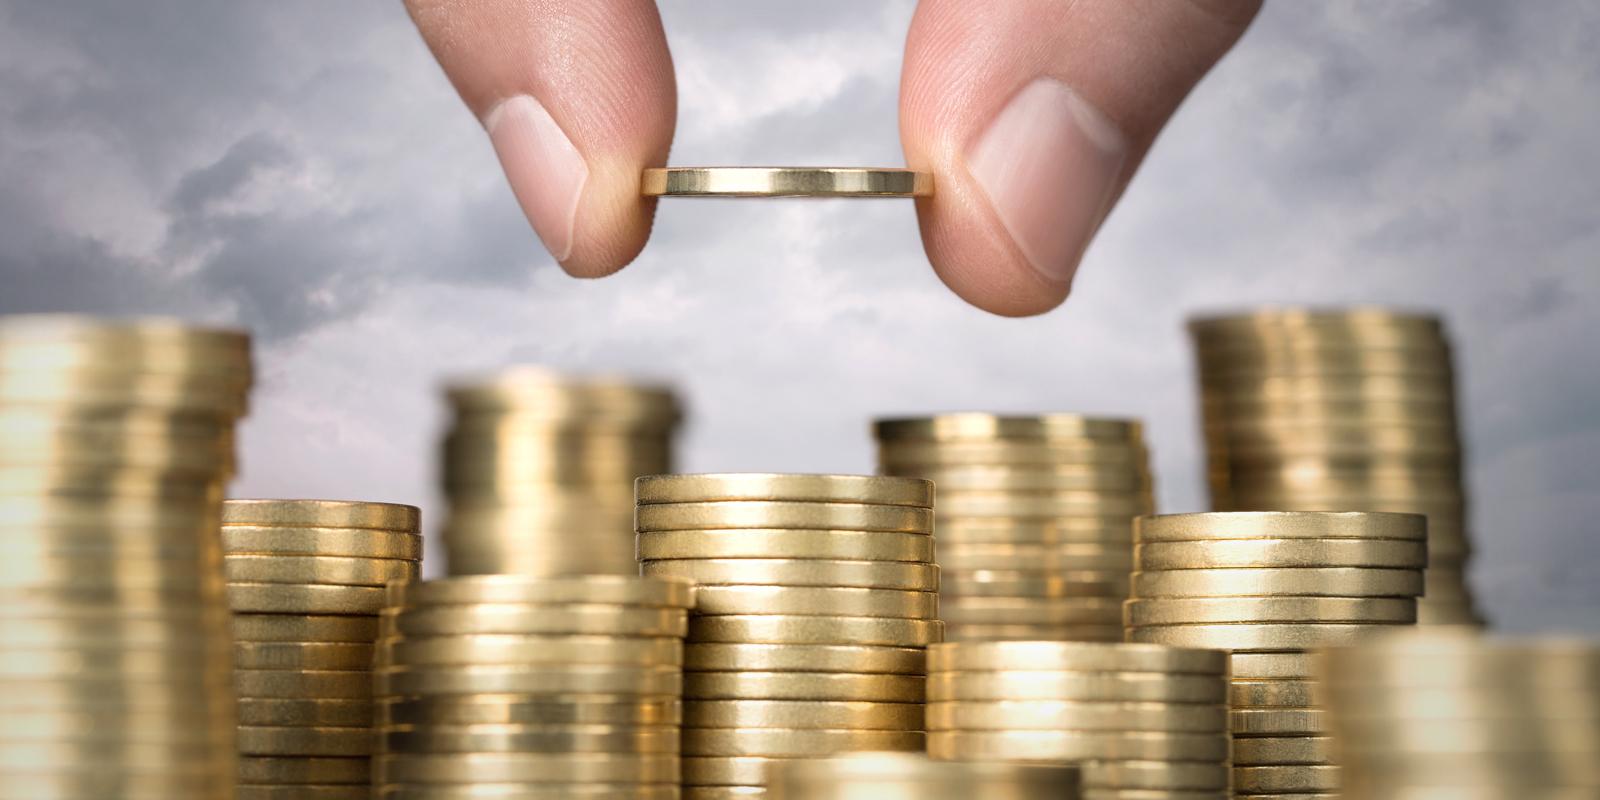 Học tiếng Anh giao tiếp ngân hàng để chuyên nghiệp hóa các nghiệp vụ ngân hàng và giúp chúng ta có thể làm các thủ tục một cách nhanh chóng